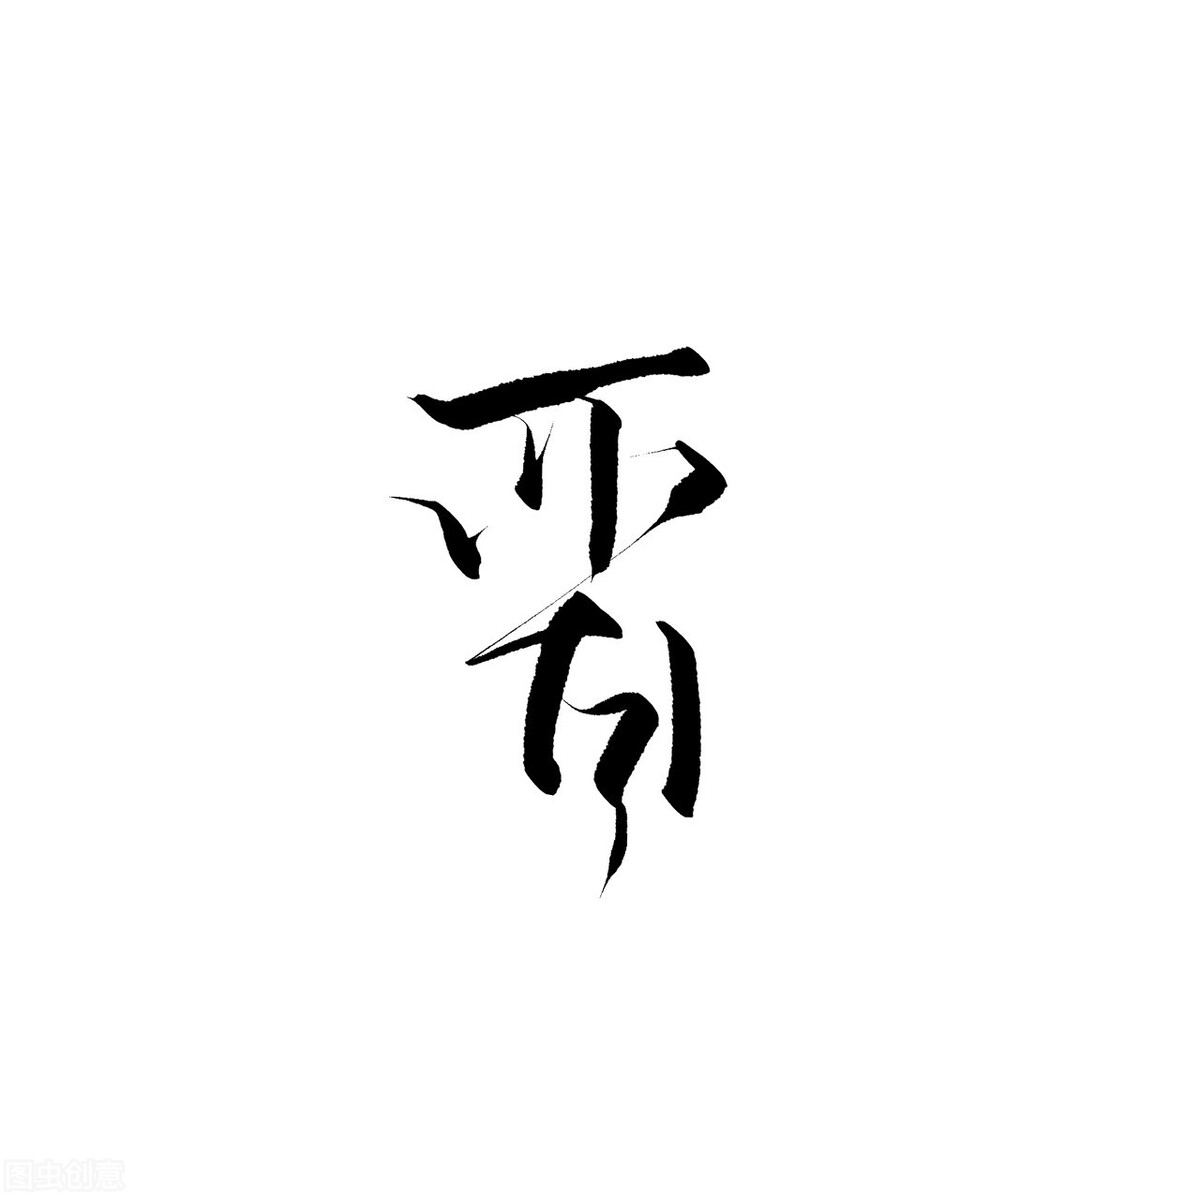 三国灭亡的先后顺序是(刘备一生错用三人)